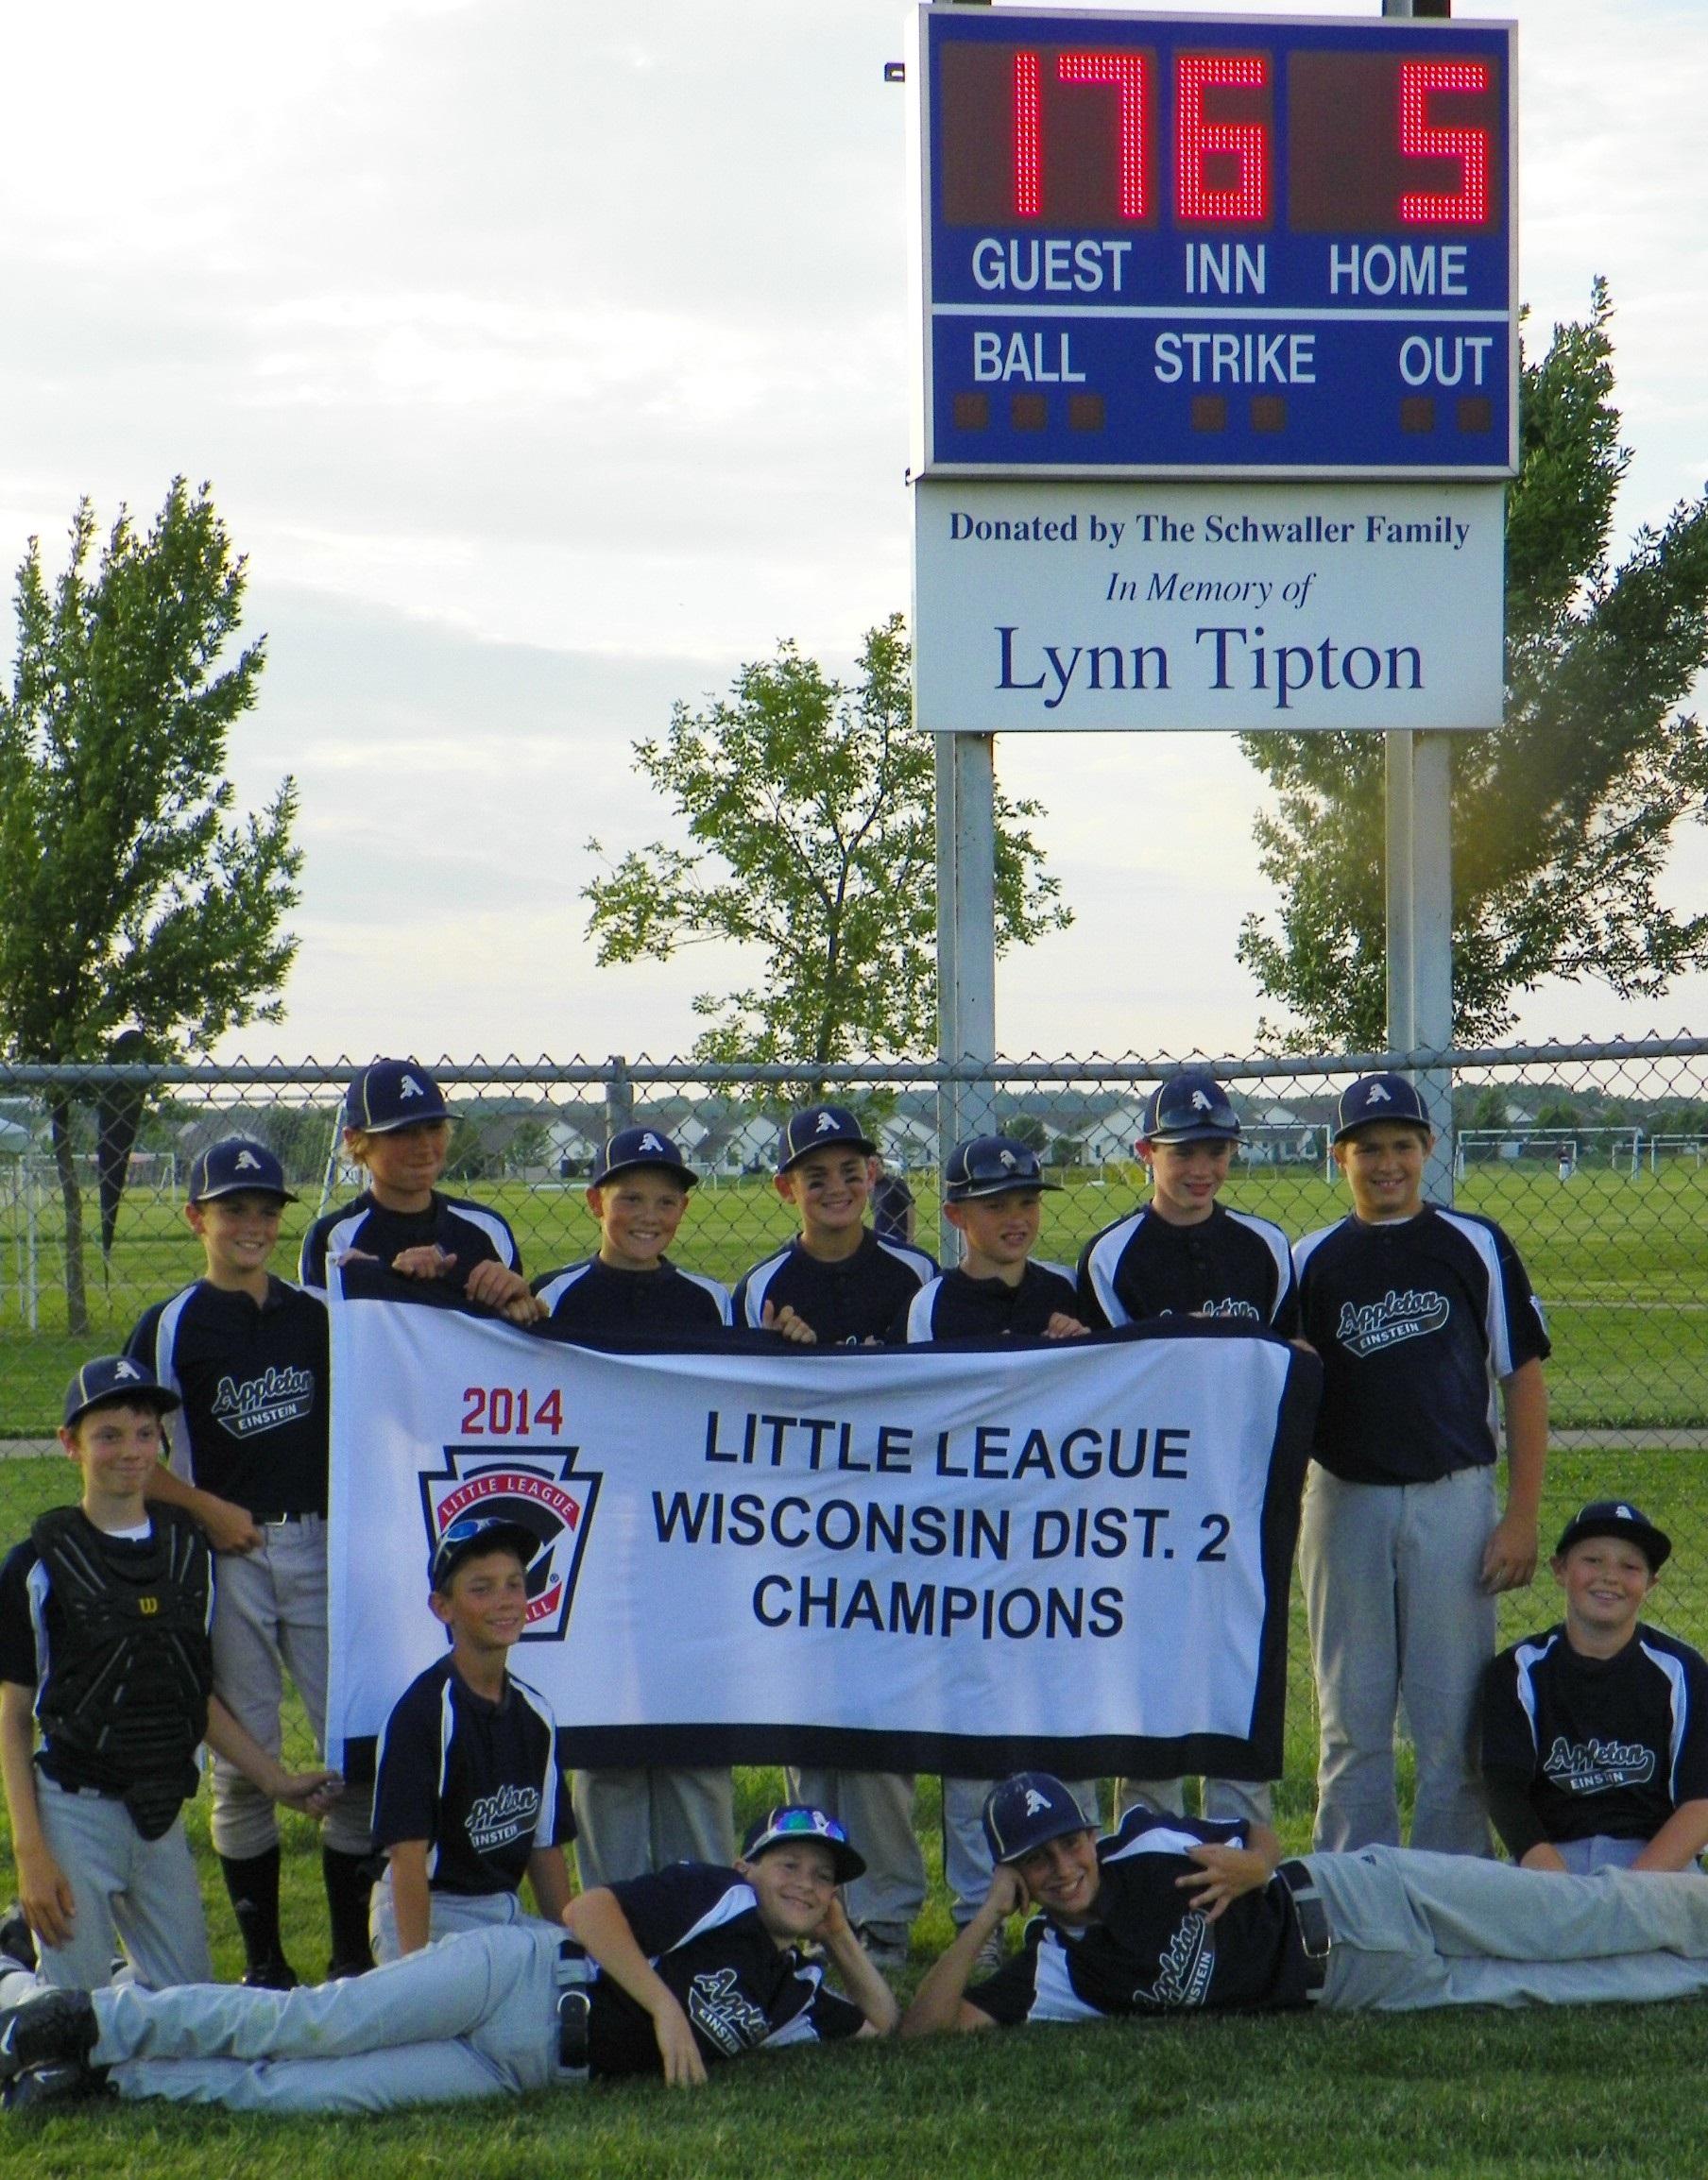 2014 Einstein 11-12 Baseball